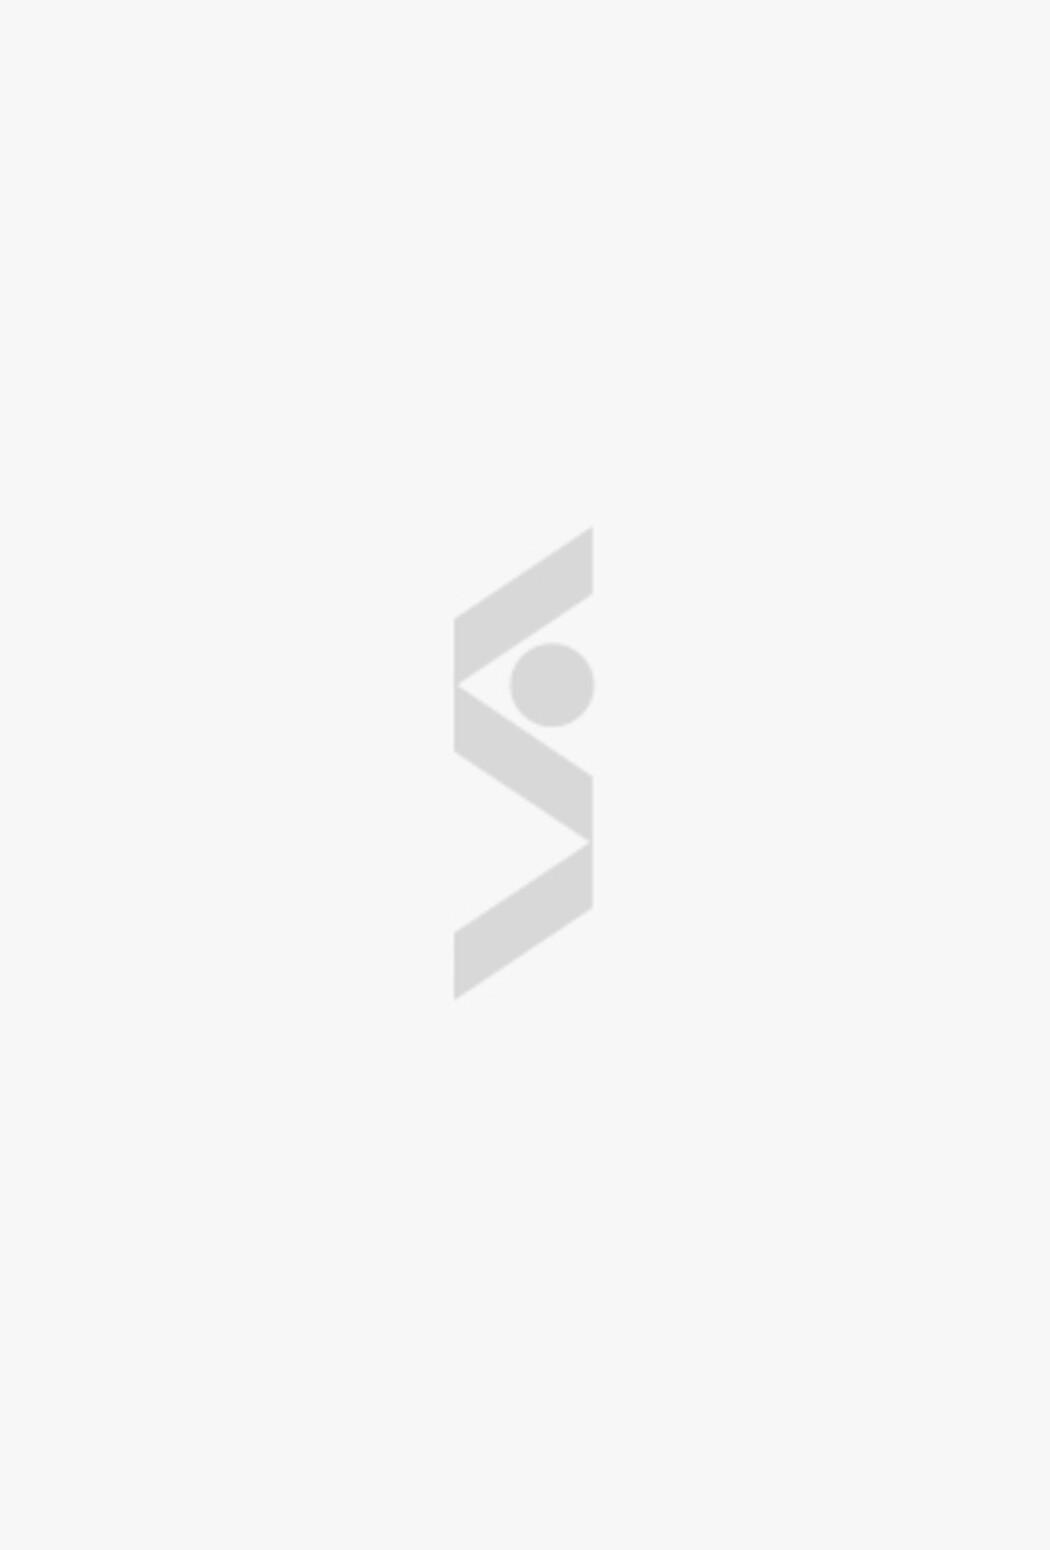 Однотонный лонгслив Champion - цена 990 ₽ купить в интернет-магазине СТОКМАНН в Москве BAFC85AF-910D-4DEB-A33F-6FEB126D97E3